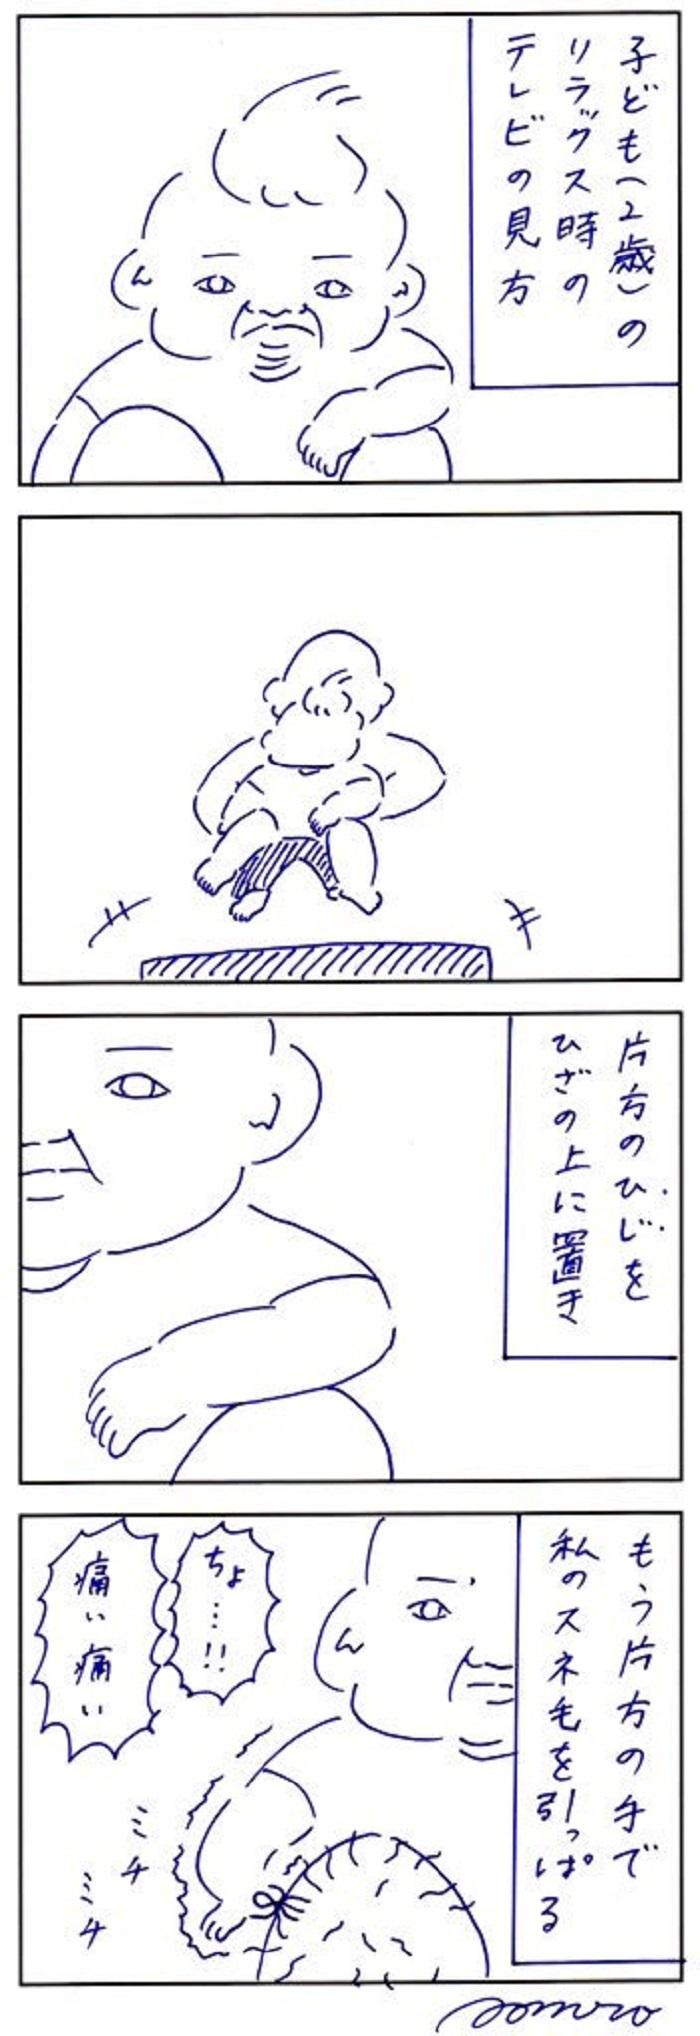 子どものアレで足首をグネる!?冷静にツッコむパパ育児日記にムフッの画像13